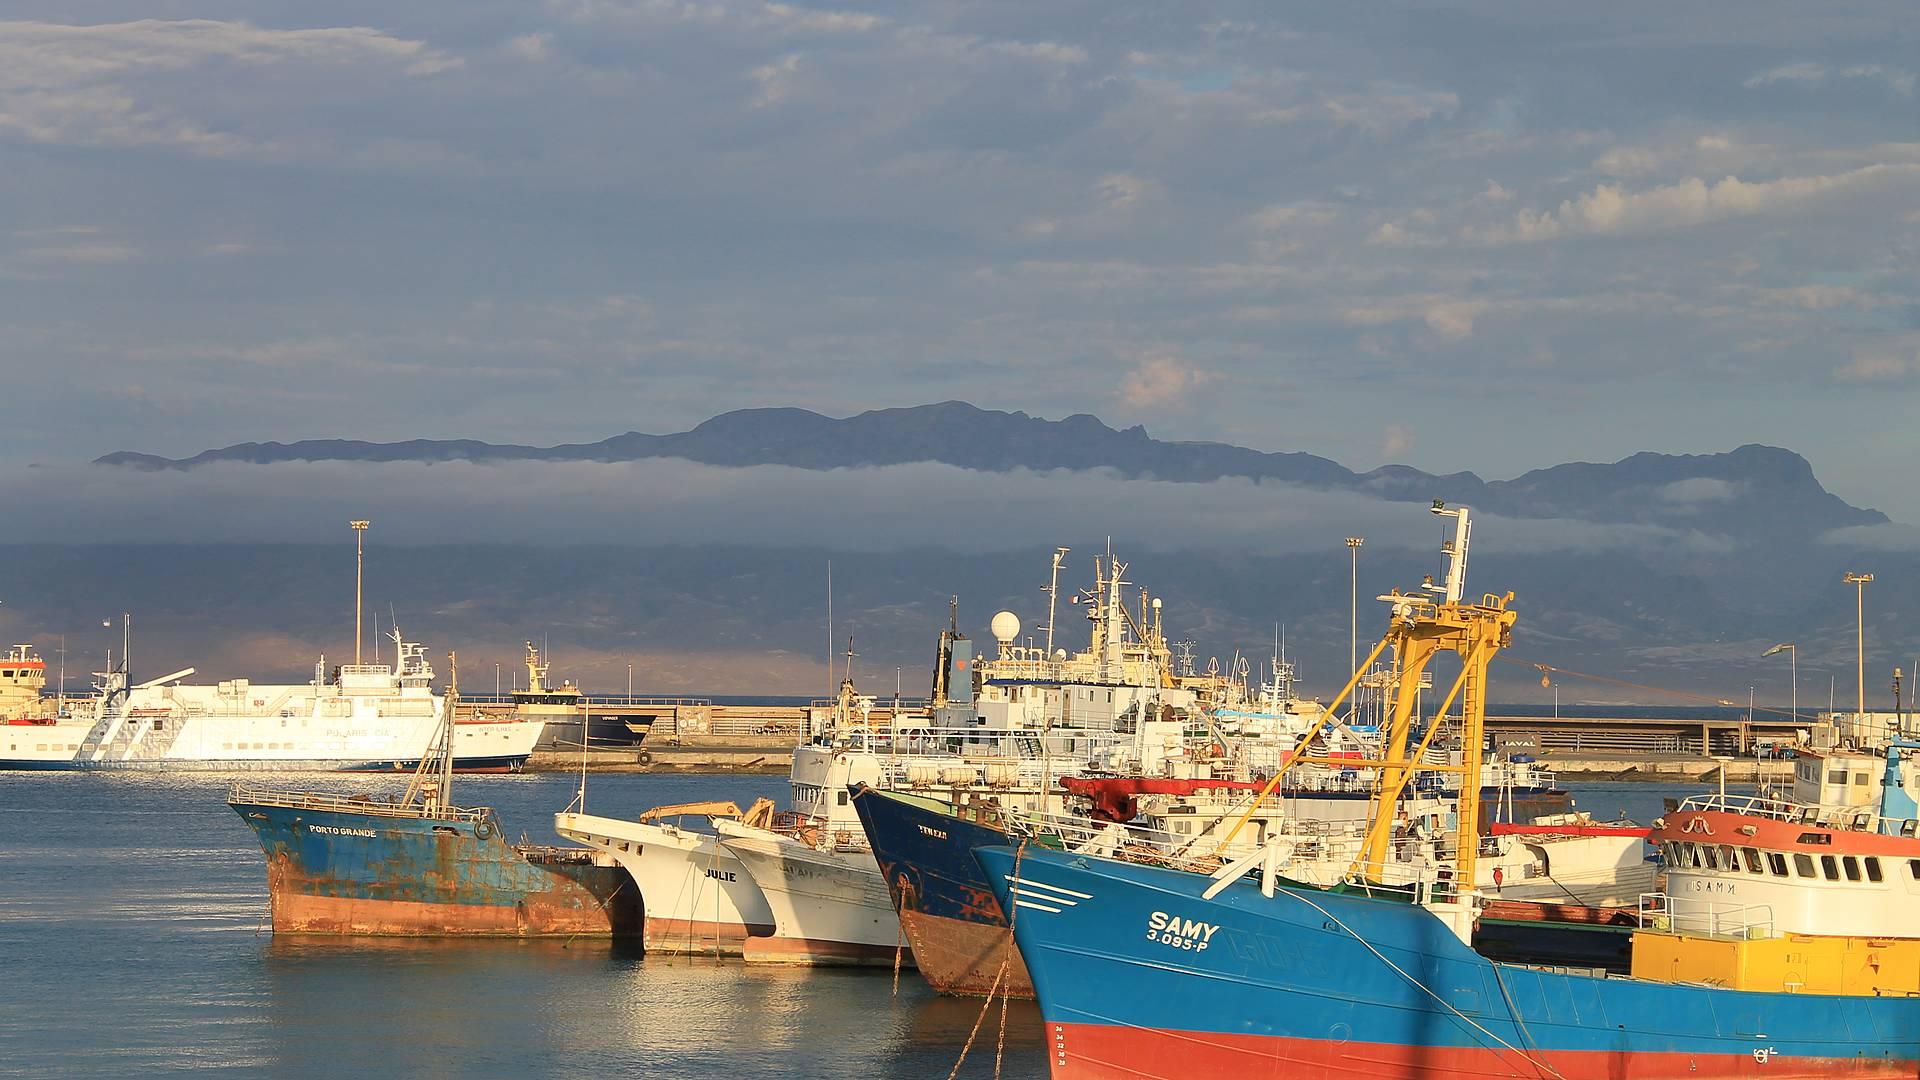 Les visages du Cap Vert